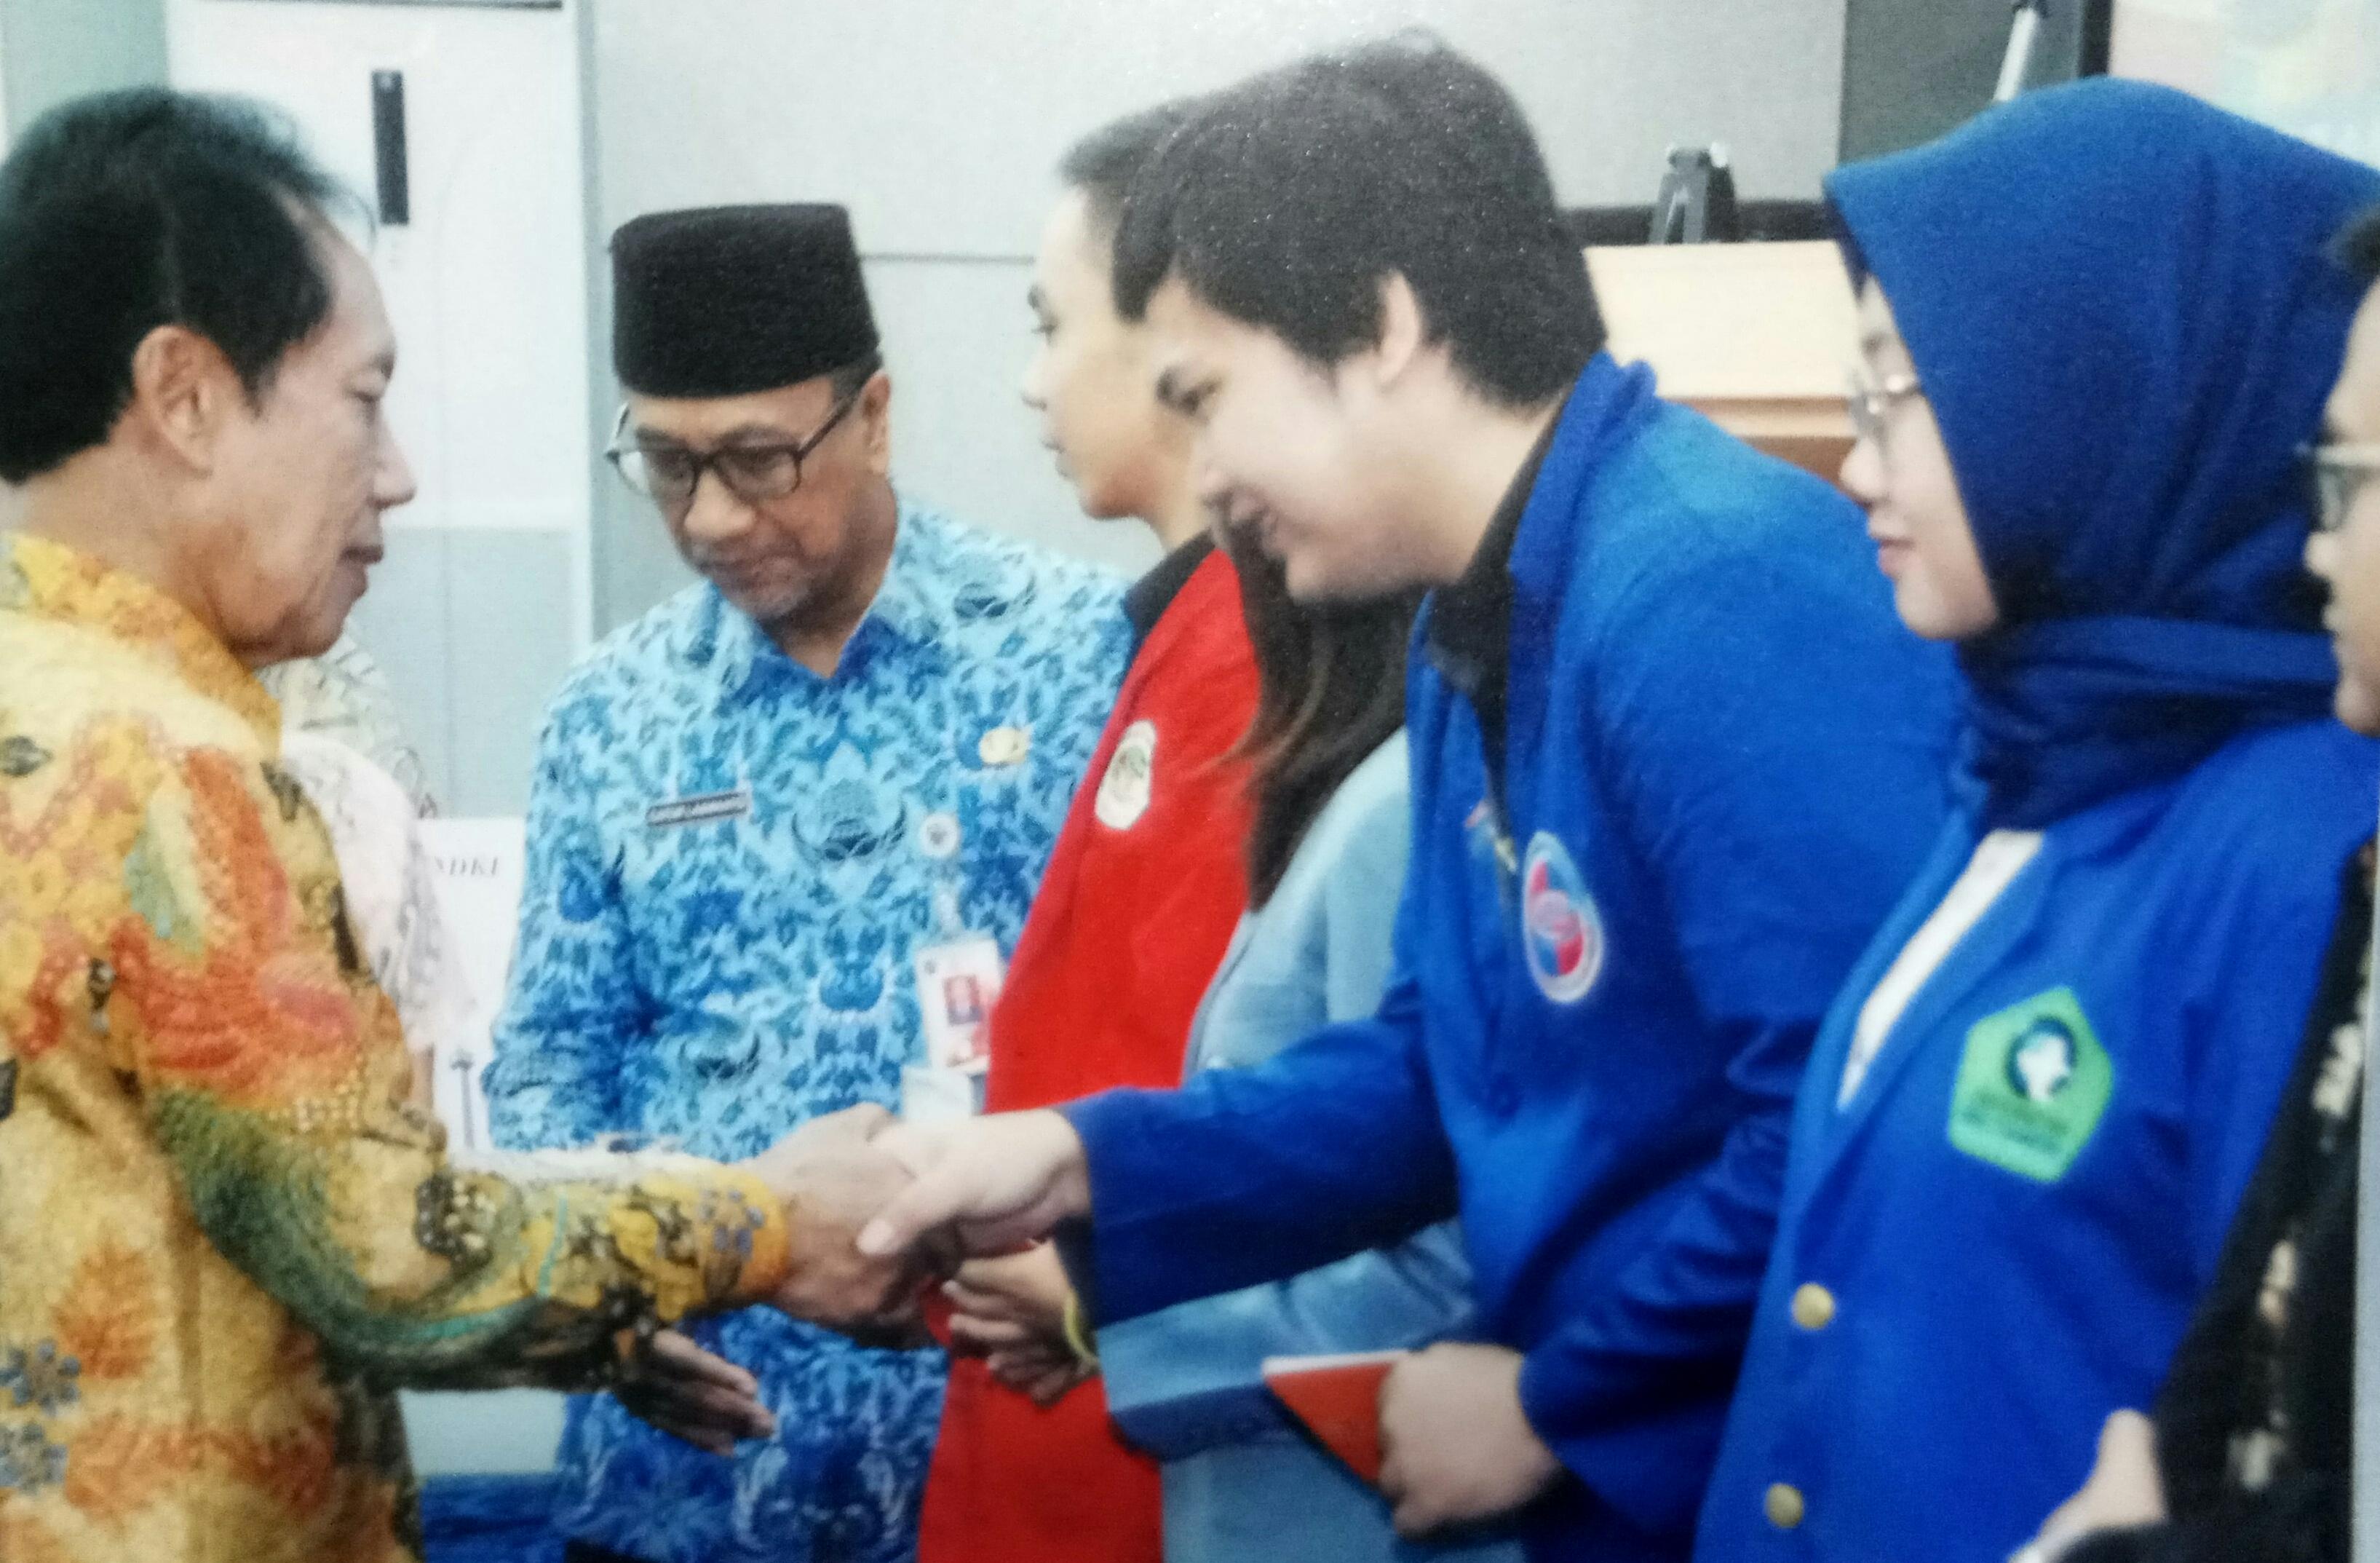 Mahasiswa STIE BPKP menerima beasiswa dari Yayasan Beasiswa Jakarta